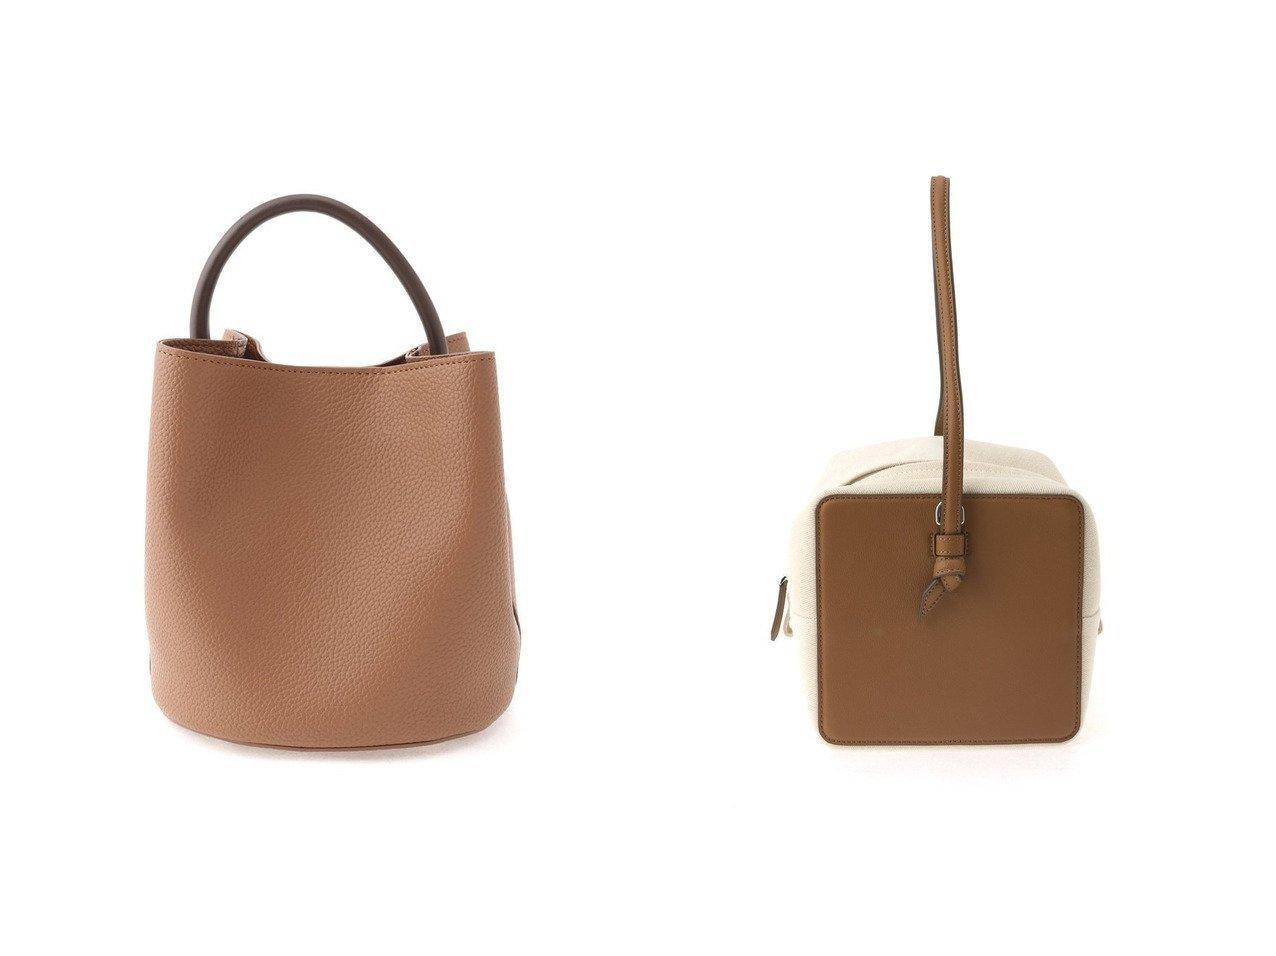 【tov/トーヴ】のキューブバッグ&【Le Talon/ル タロン】のLe Talon ワンハンドルカラーコンビバッグ バッグ・鞄のおすすめ!人気、トレンド・レディースファッションの通販  おすすめで人気の流行・トレンド、ファッションの通販商品 メンズファッション・キッズファッション・インテリア・家具・レディースファッション・服の通販 founy(ファニー) https://founy.com/ ファッション Fashion レディースファッション WOMEN バッグ Bag 2020年 2020 2020-2021 秋冬 A/W AW Autumn/Winter / FW Fall-Winter 2020-2021 A/W 秋冬 AW Autumn/Winter / FW Fall-Winter ハンドバッグ バケツ フォルム |ID:crp329100000009918